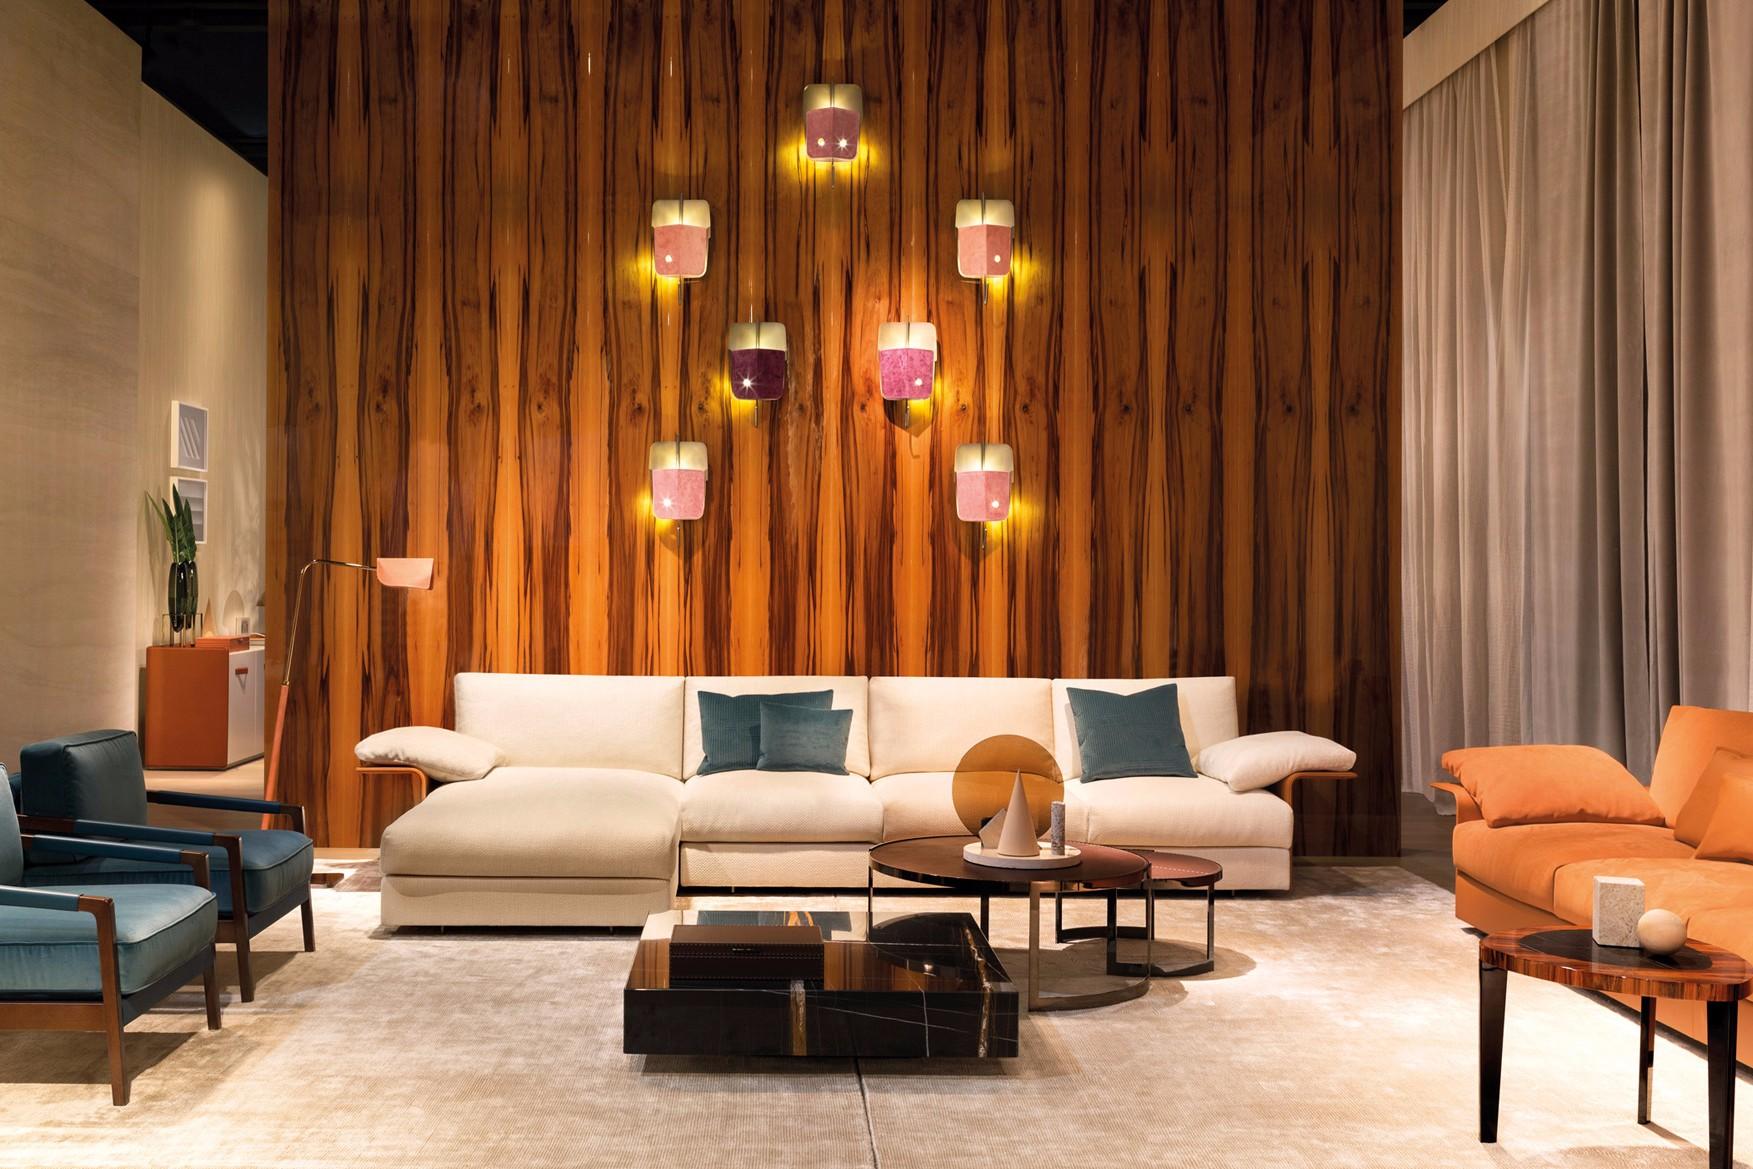 Milan Design Week: High Style